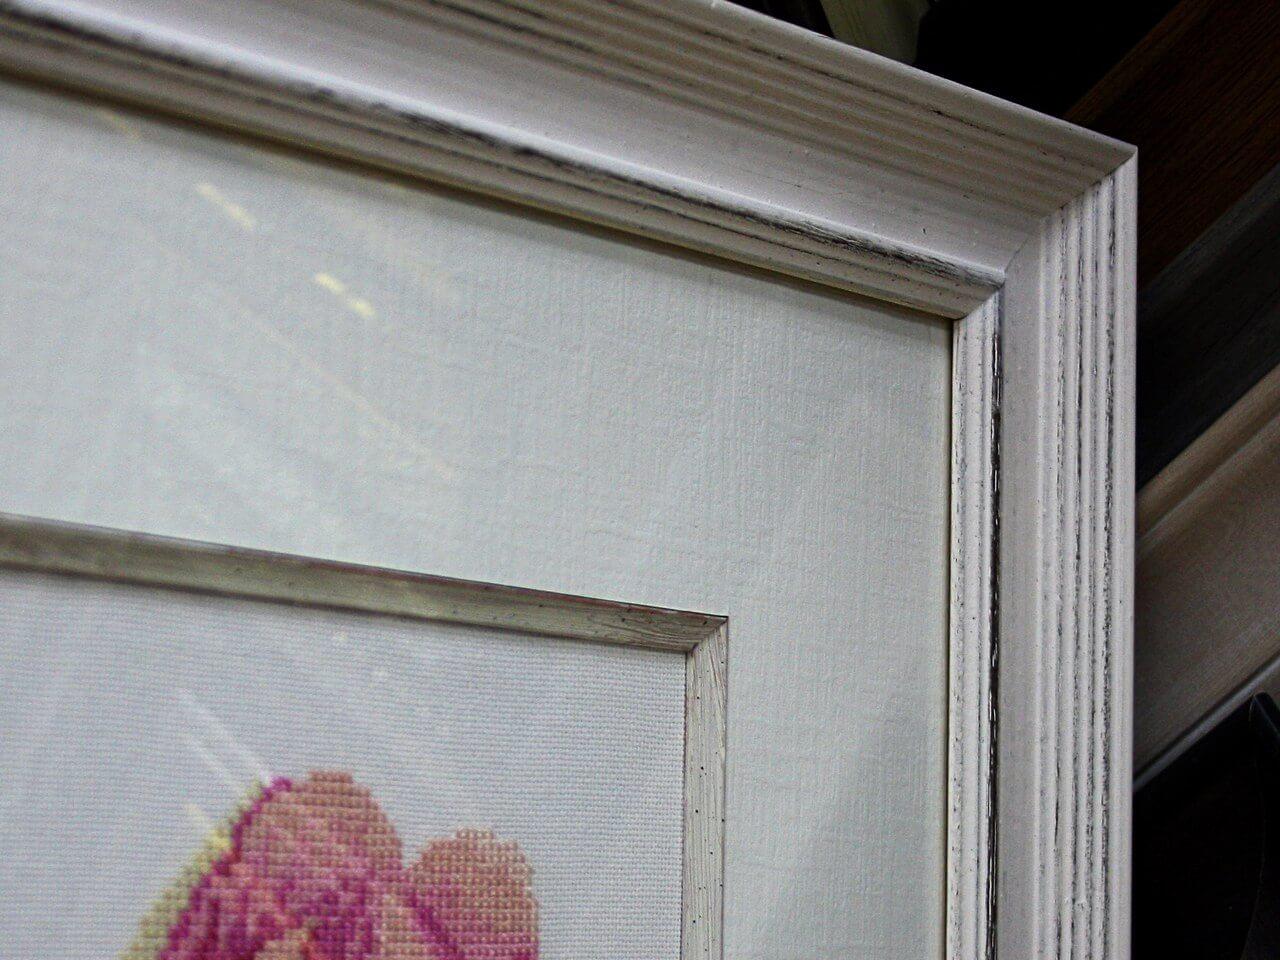 Вышивка с текстурным паспарту, деревянным кантом Lira Чехия и багетом из дерева производства Италия